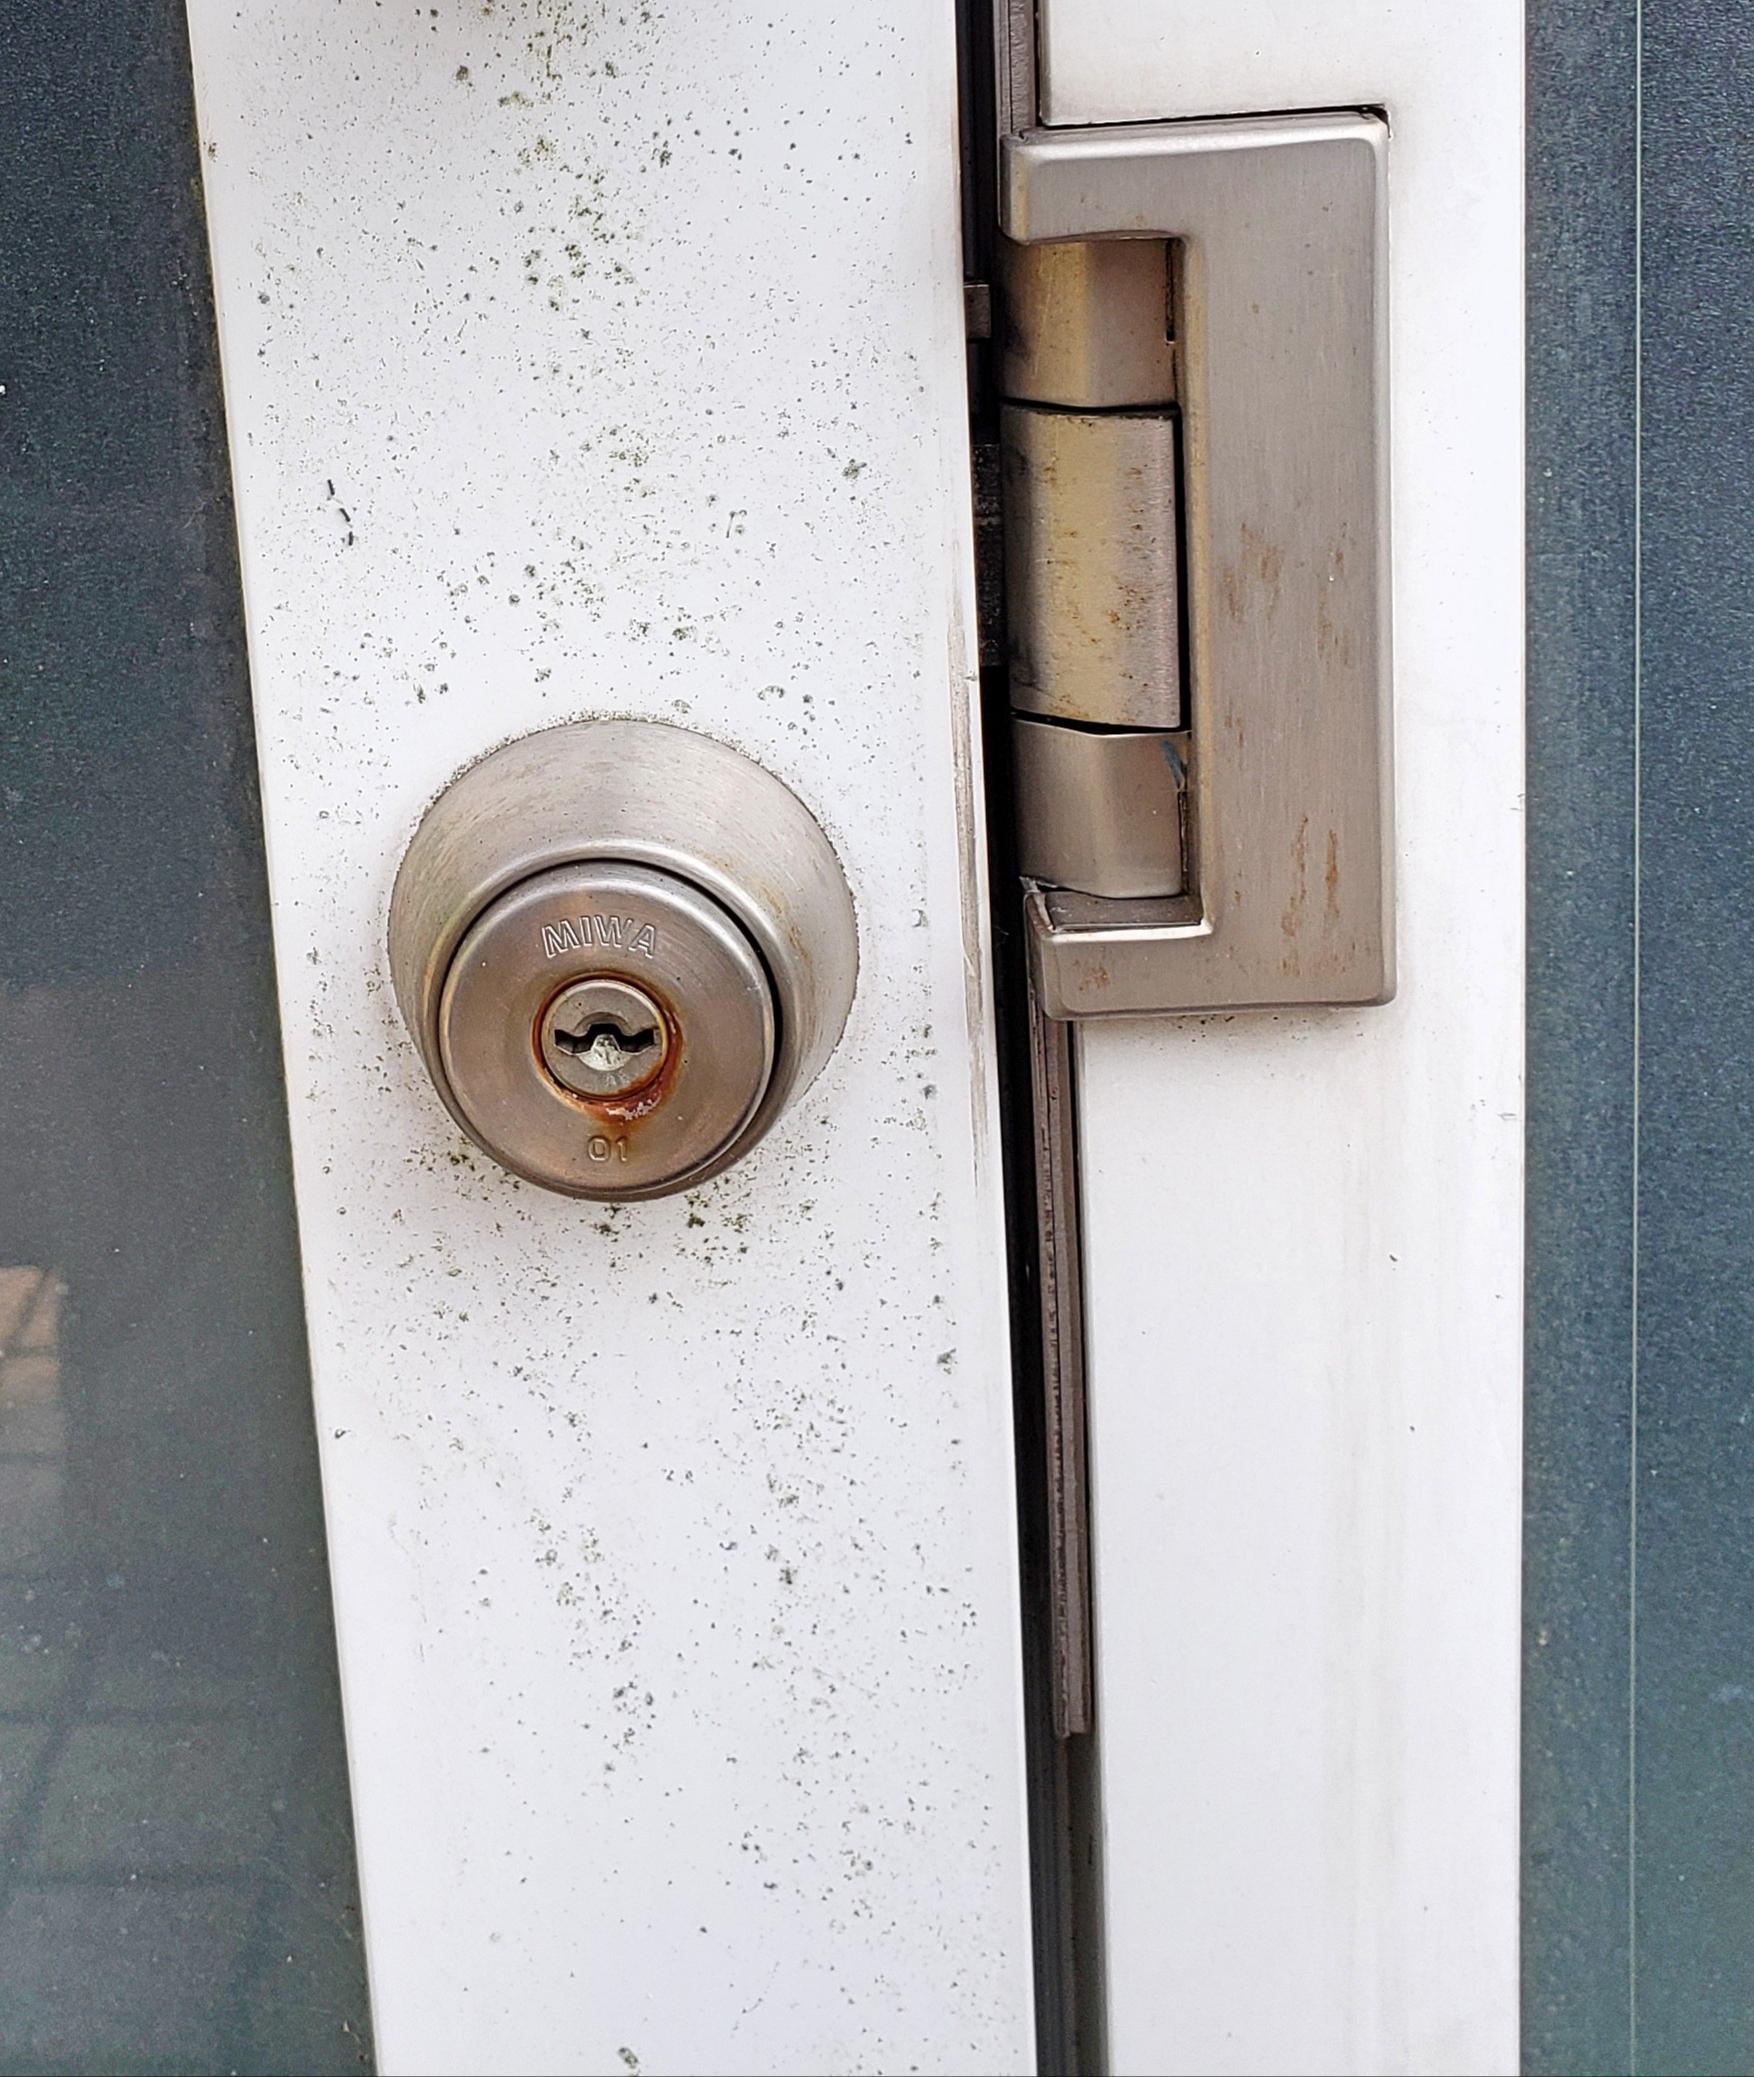 自動施錠のドア 開錠と交換